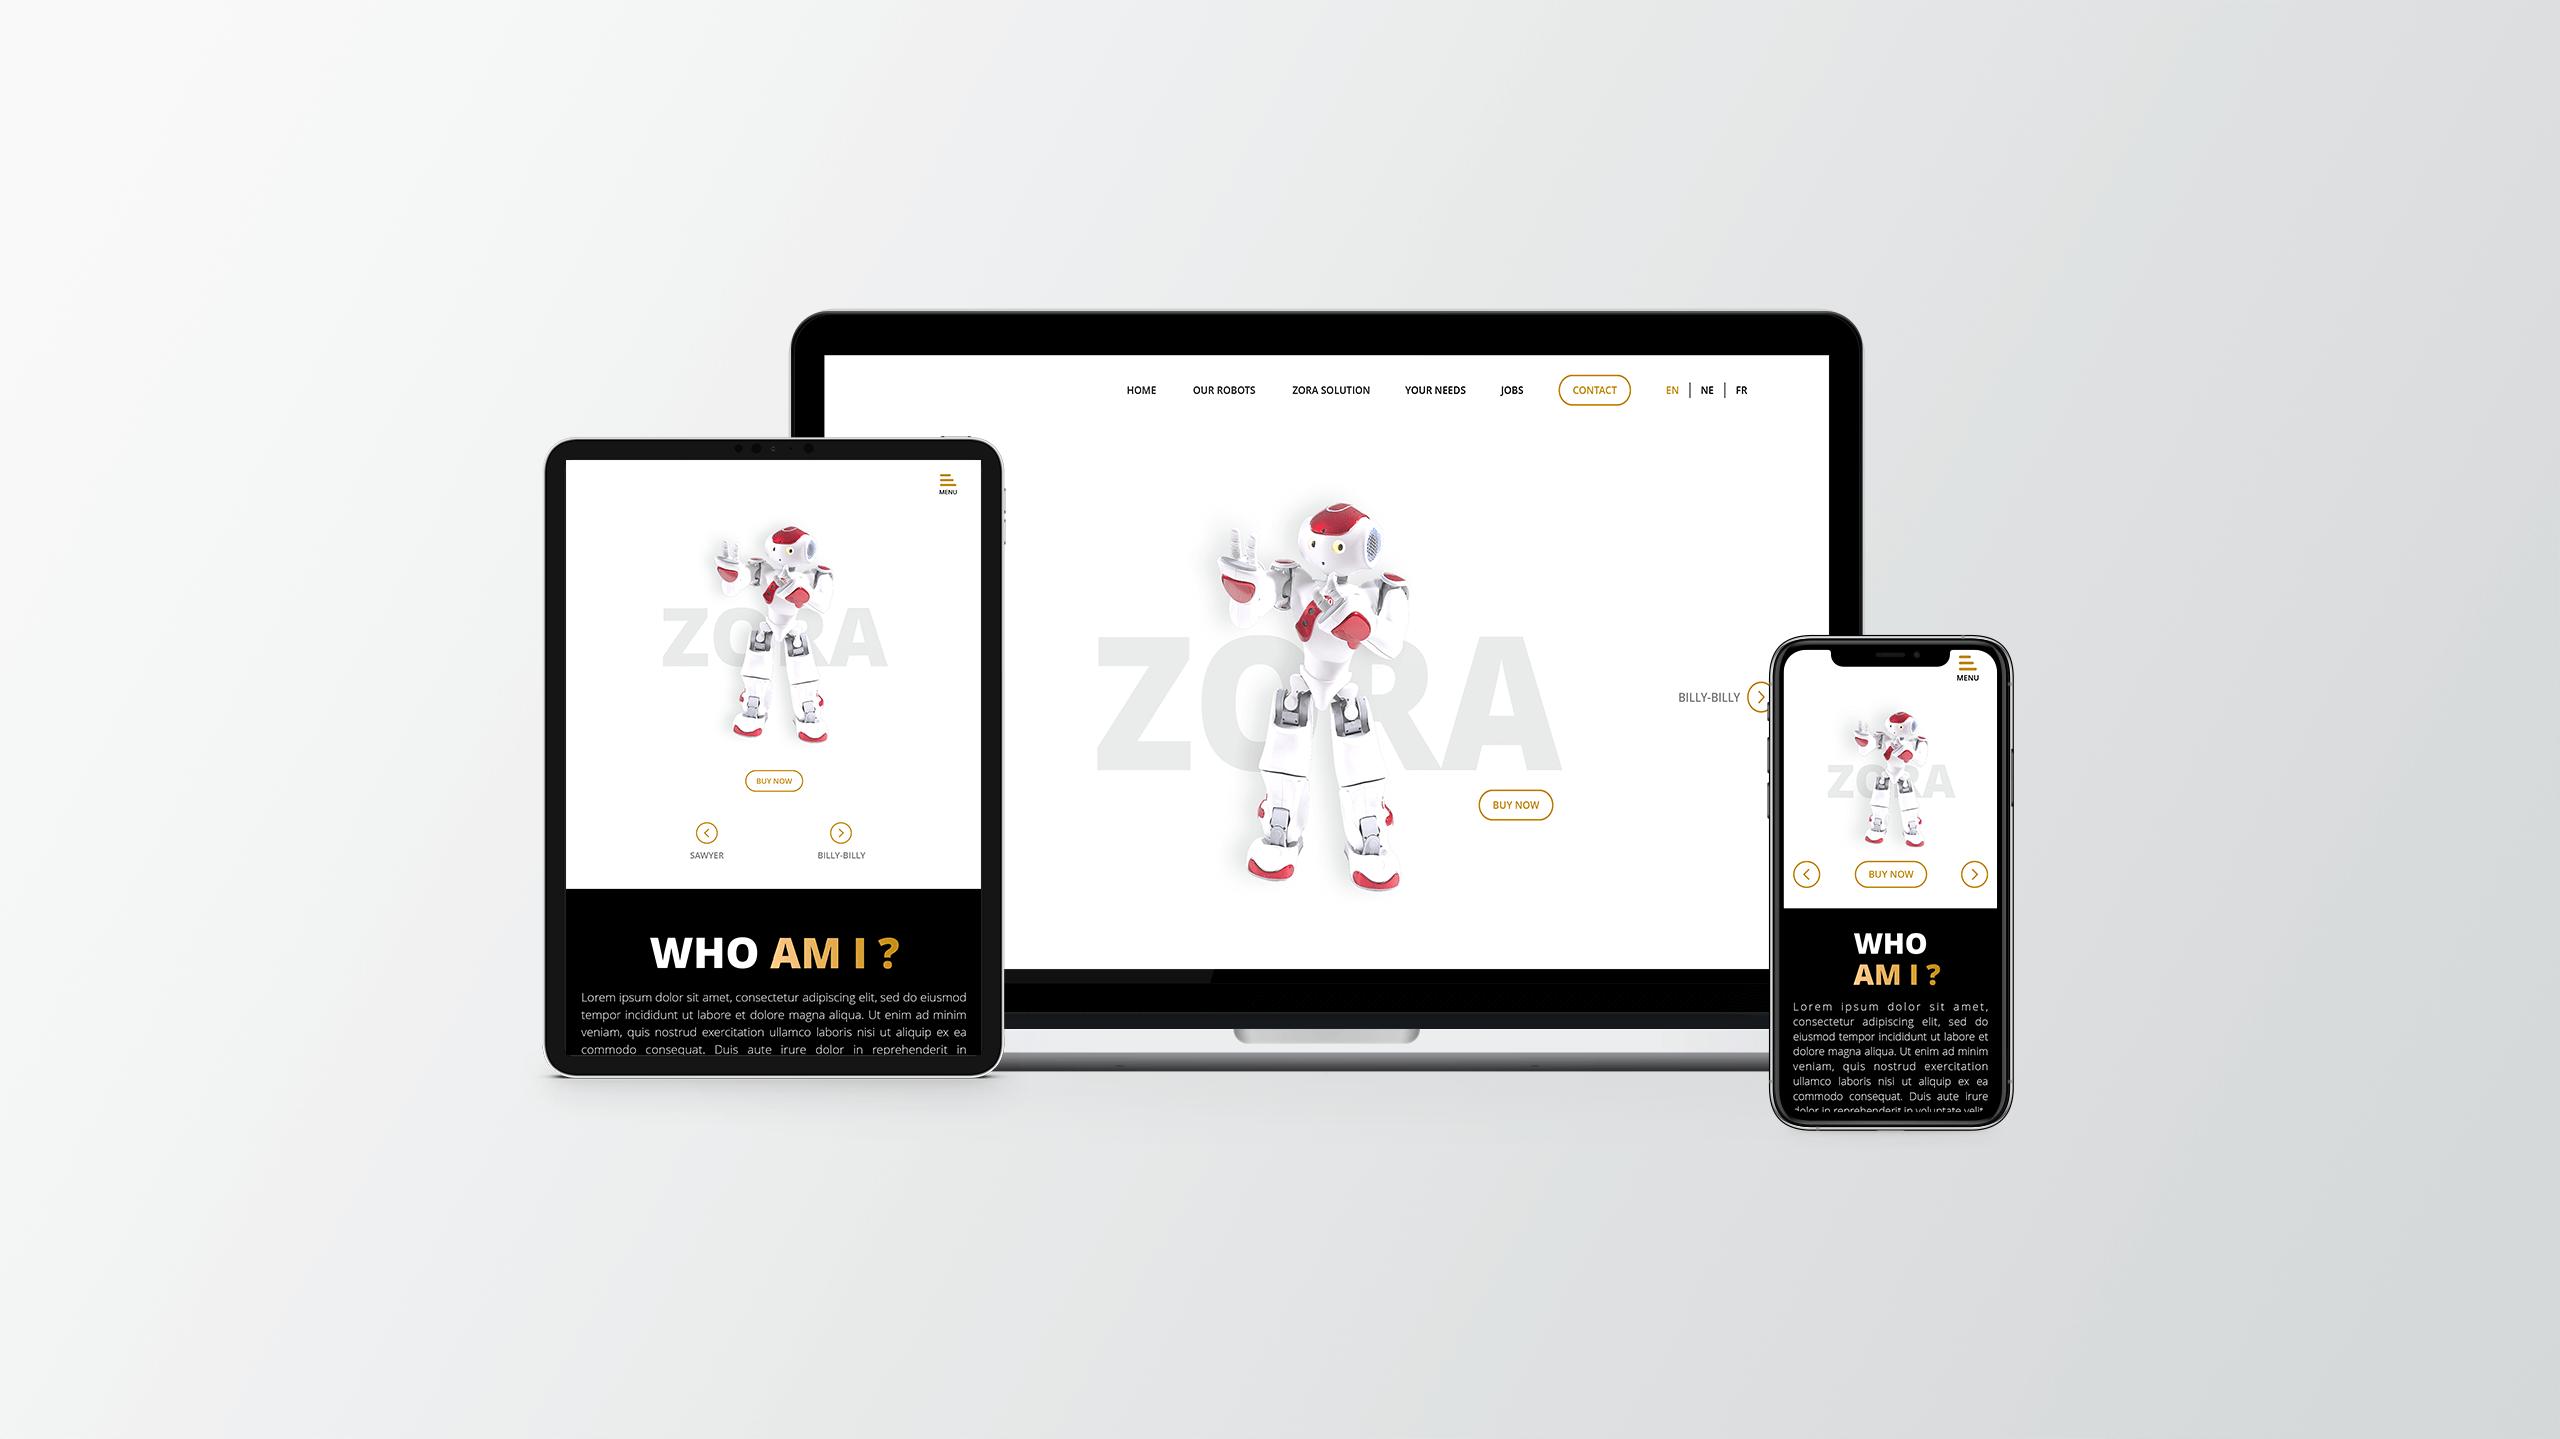 zorabots-webdesign-webdesigner-freelance-04